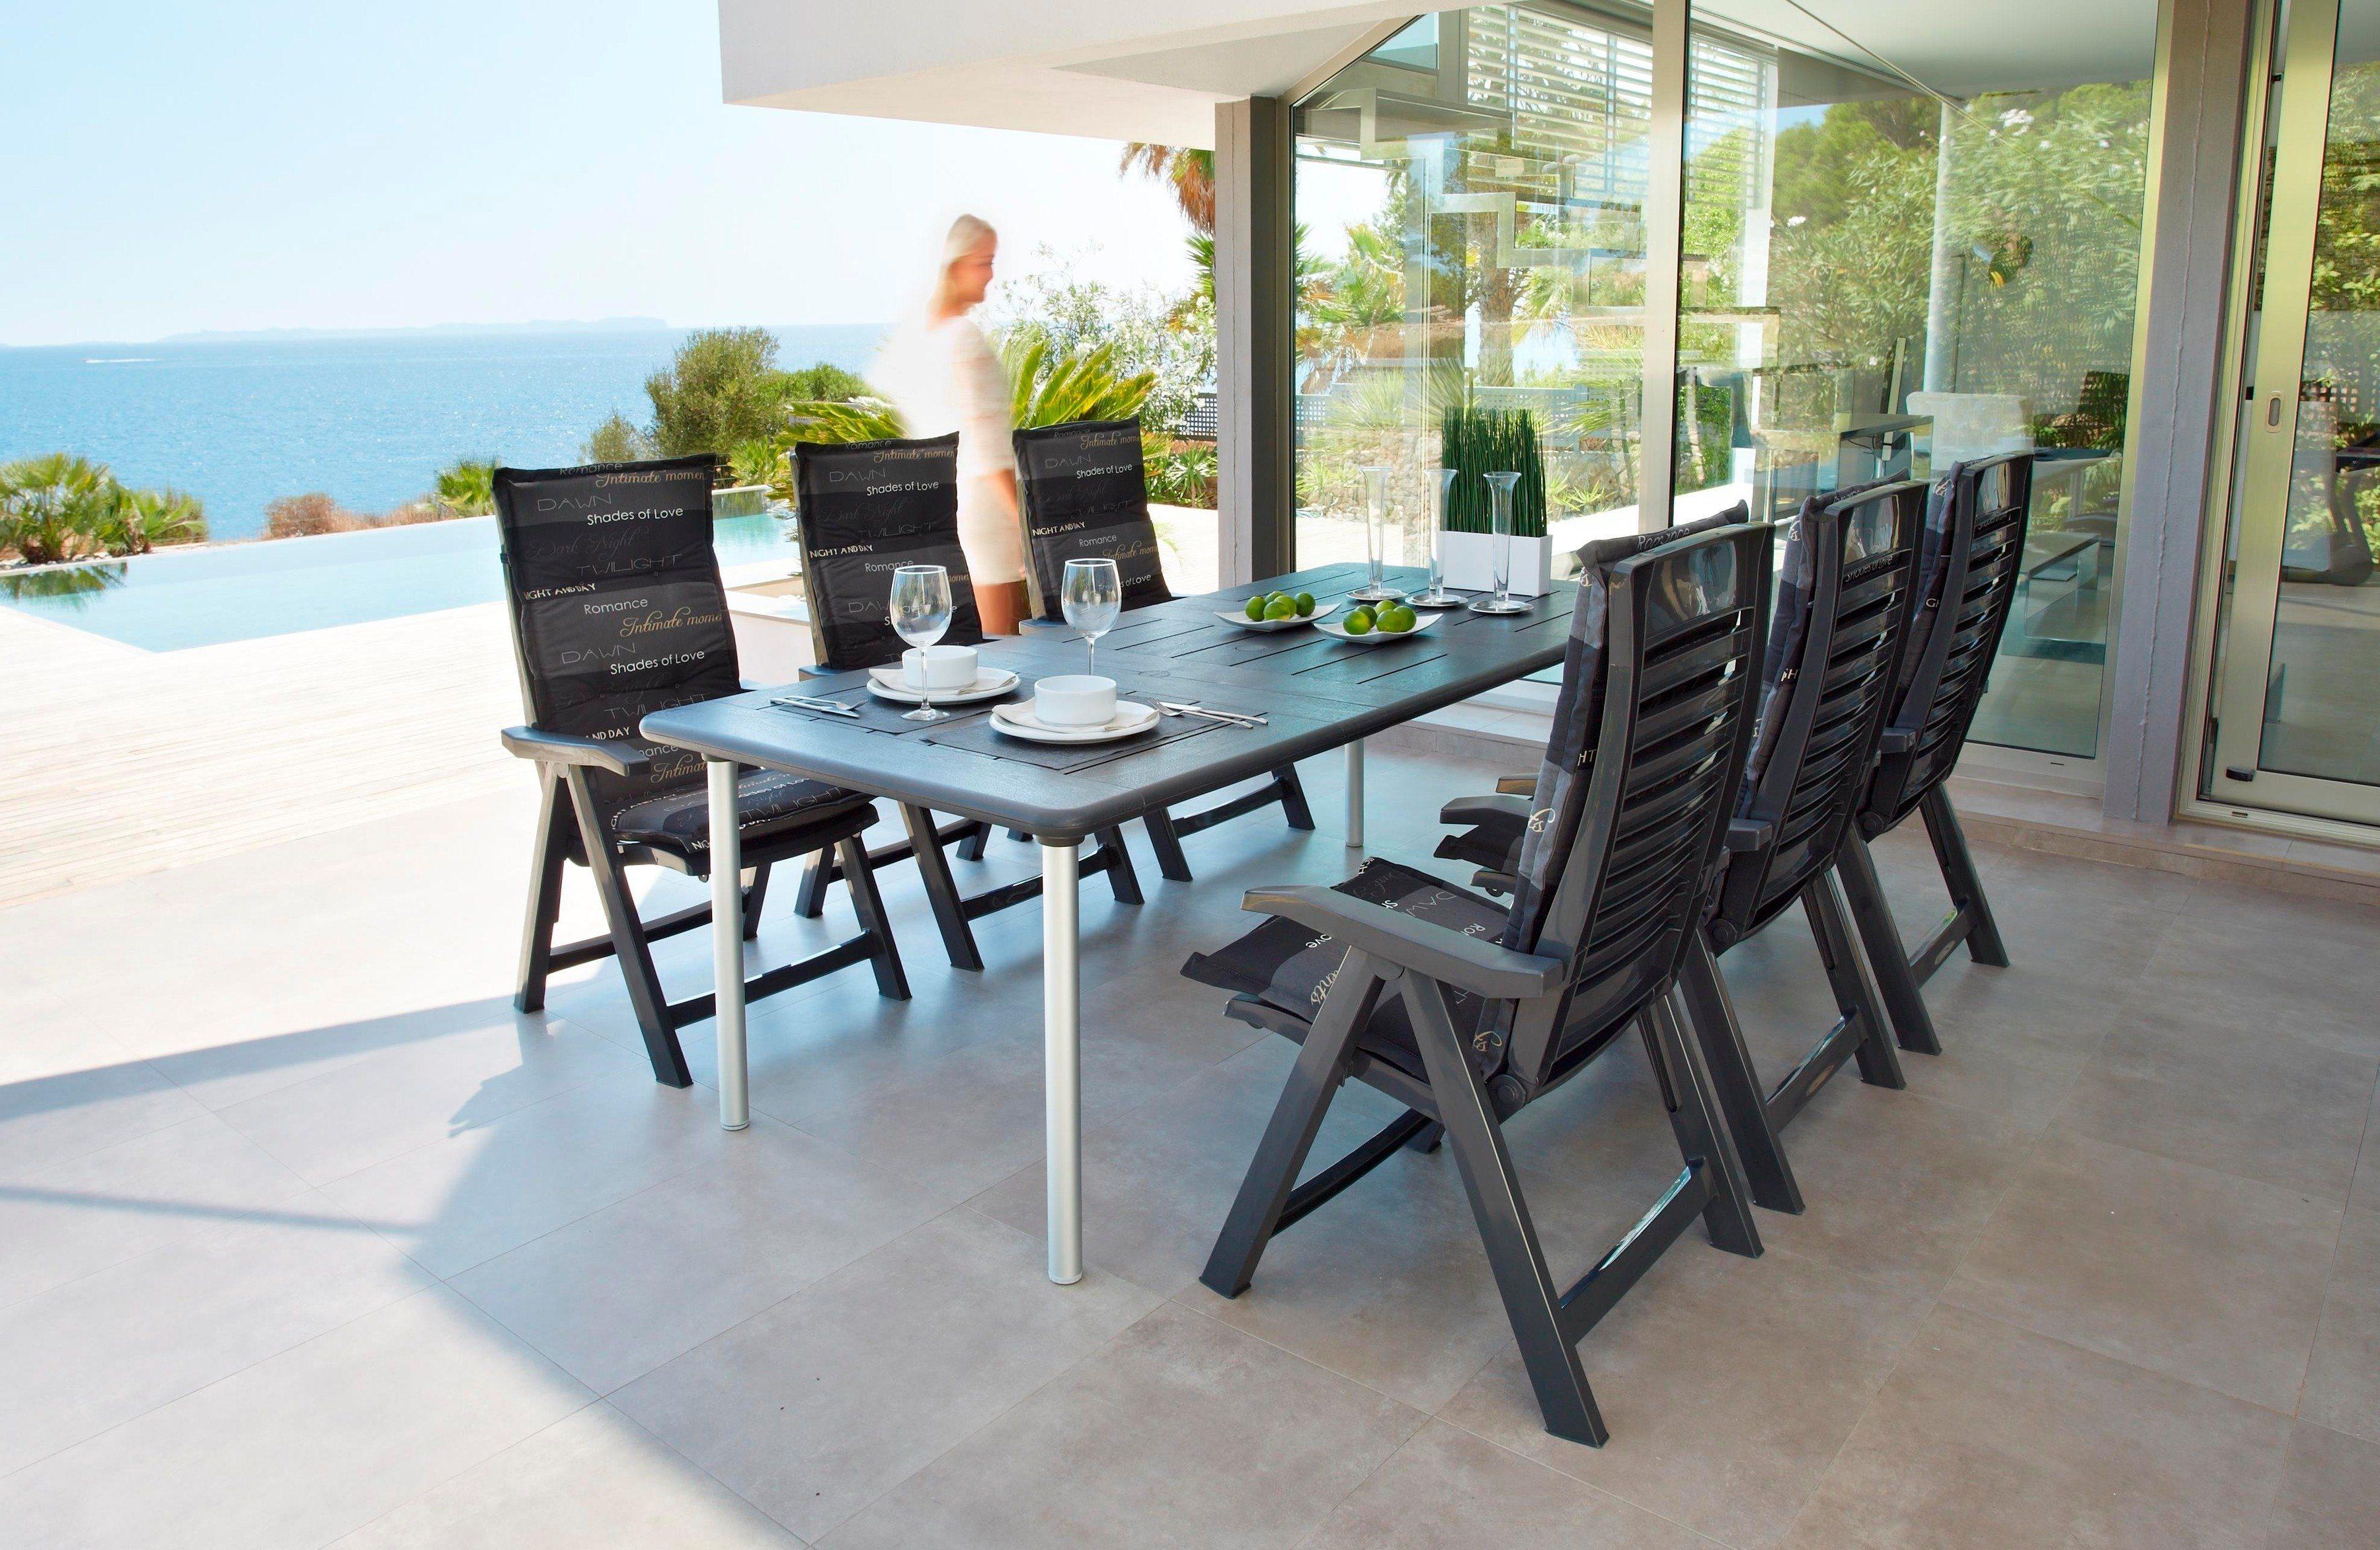 Best 13-tgl. Gartenmöbelset »Tavolo«, 6 Sessel, Tisch 160x220 cm, Kunststoff, anthrazit, inkl. Auflagen